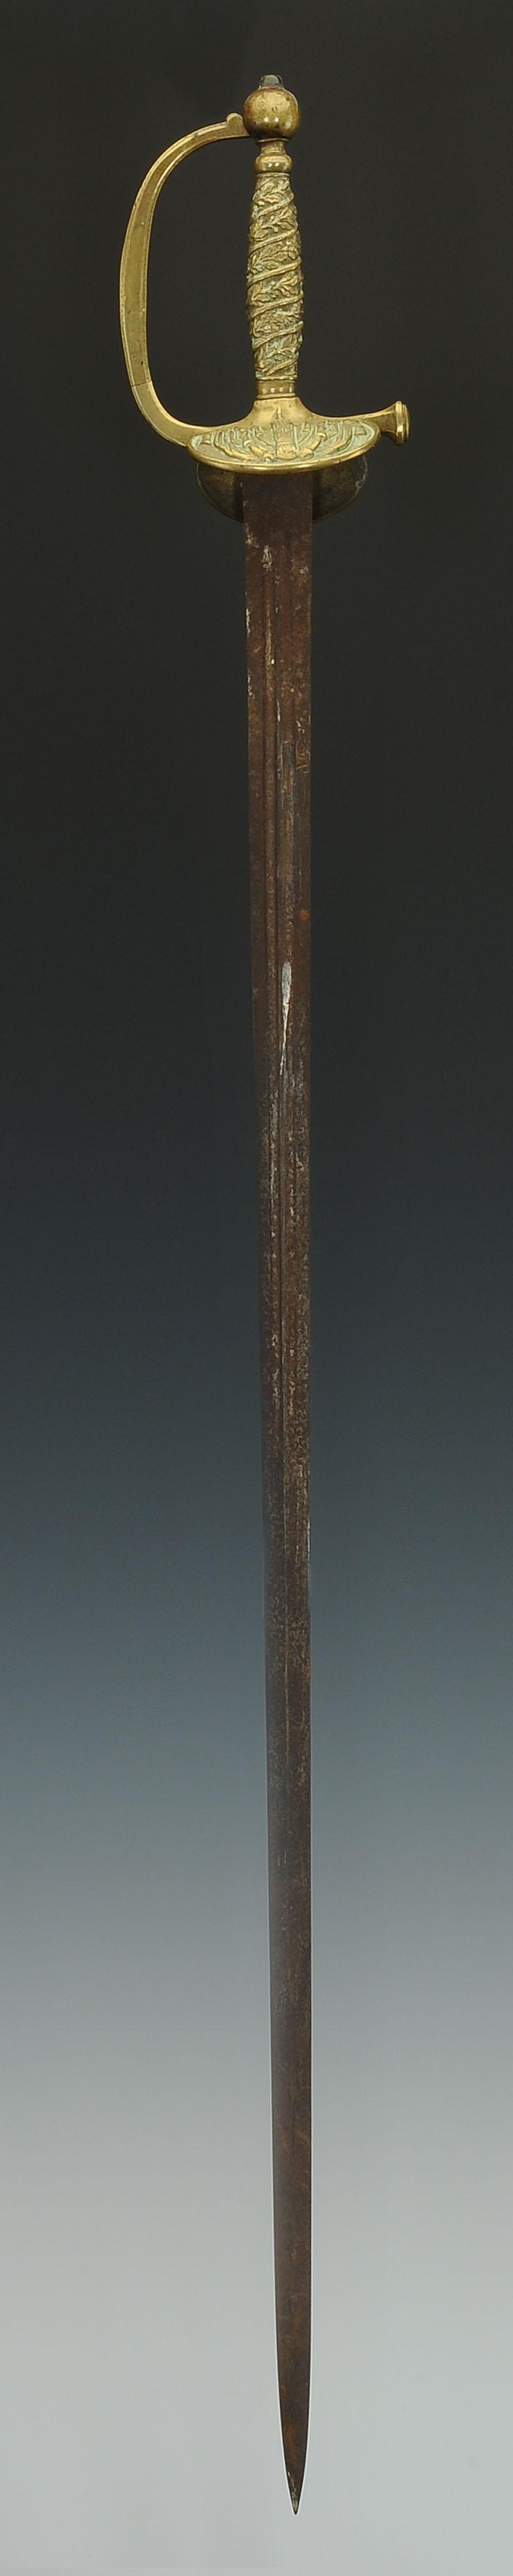 u00c9p u00c9e de sous officier de gendarmerie  mod u00c8le 1872